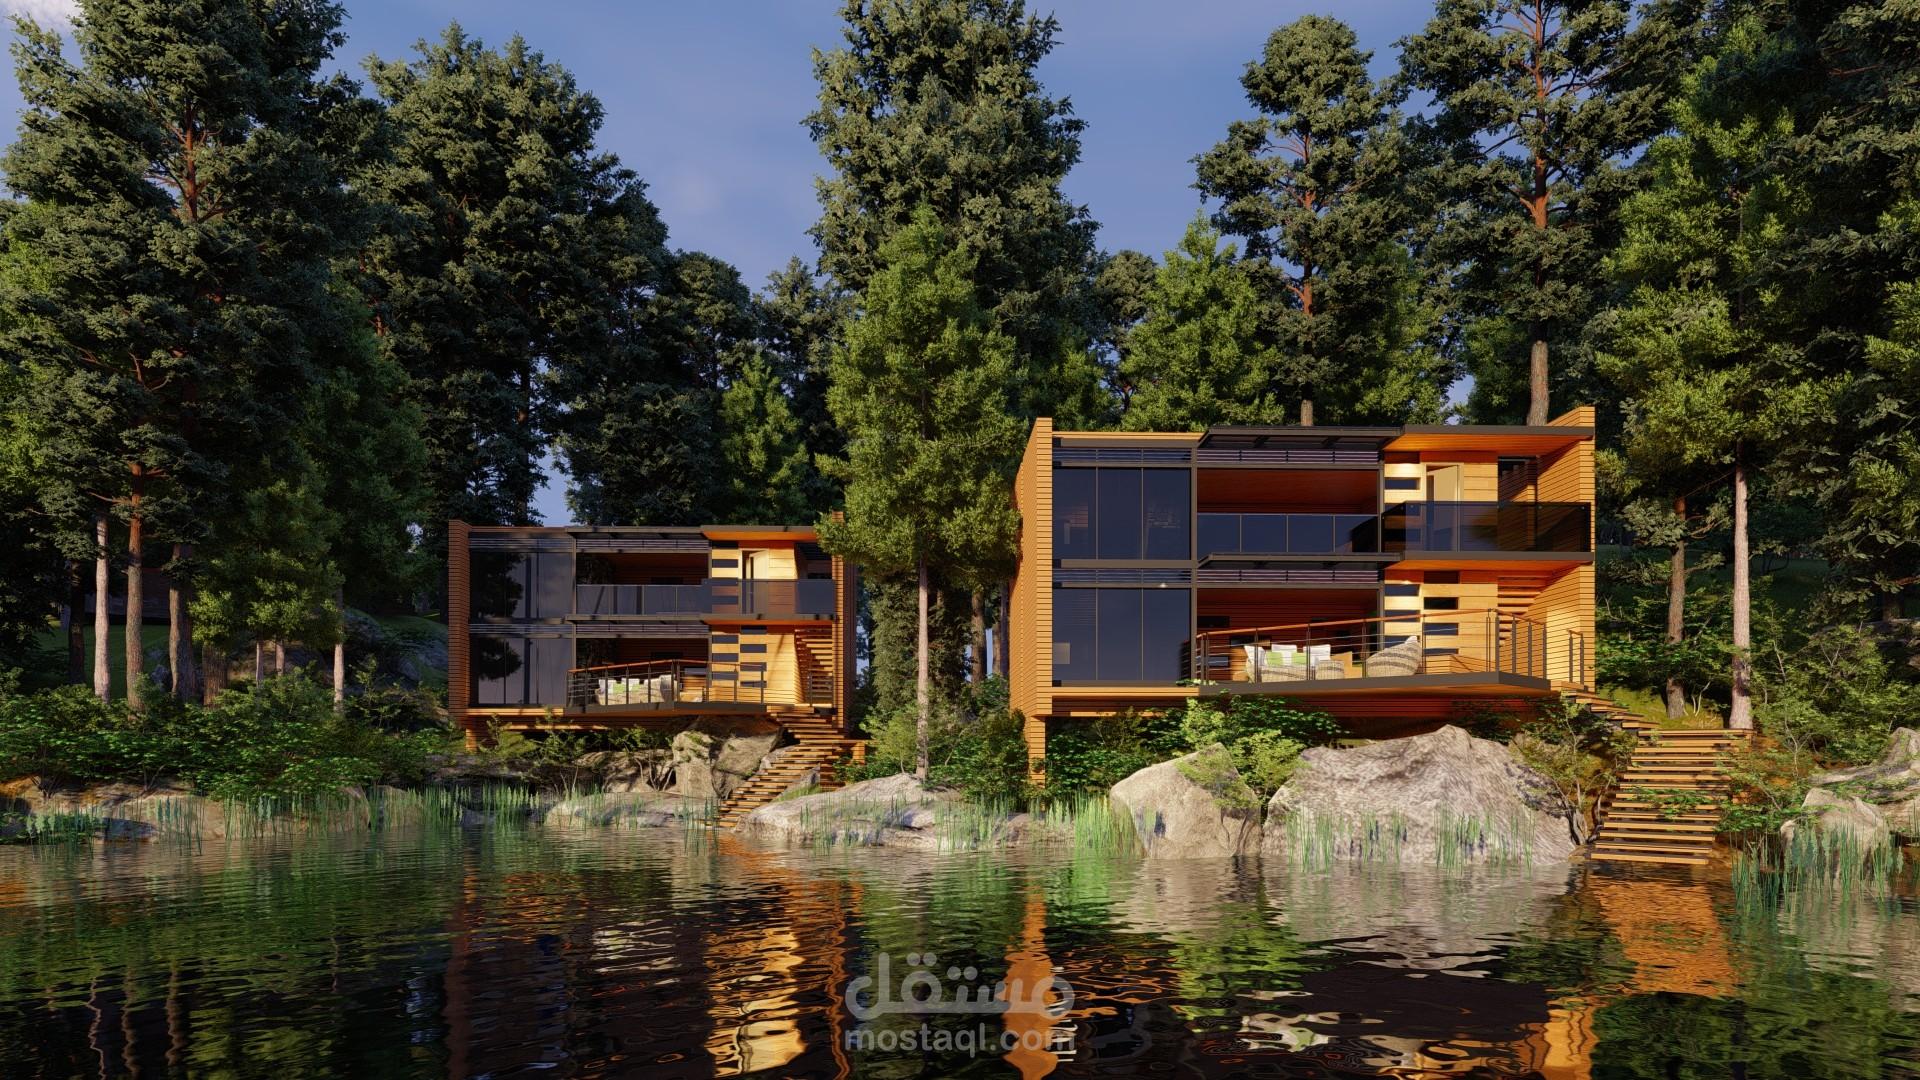 تصميم لمنزل خشبي علي بحيرة في نيوزيلندا